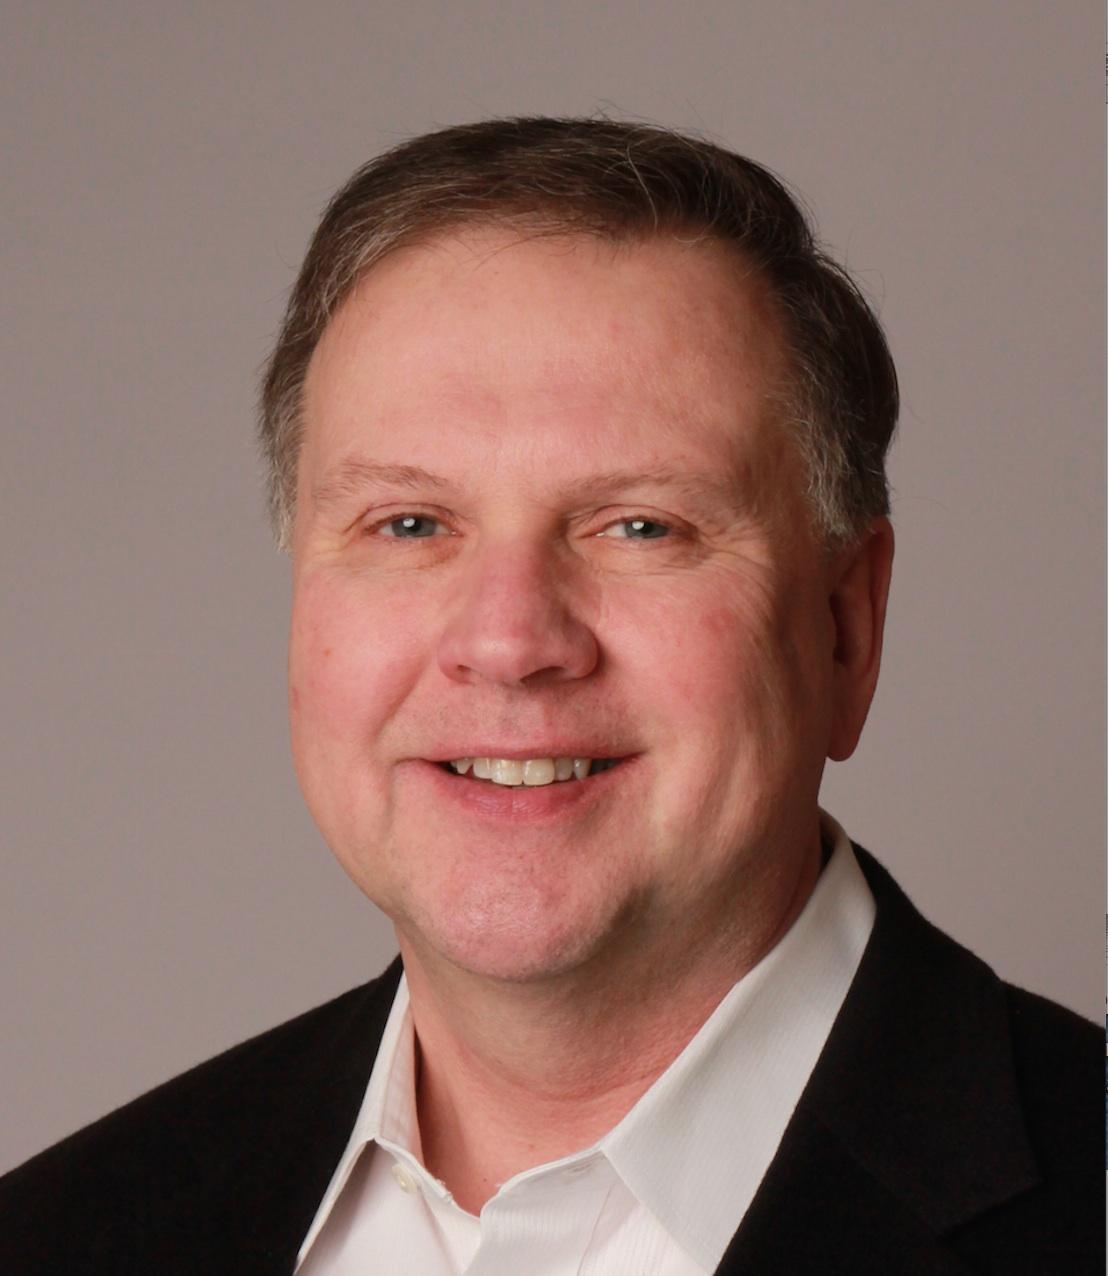 Michael Cormier